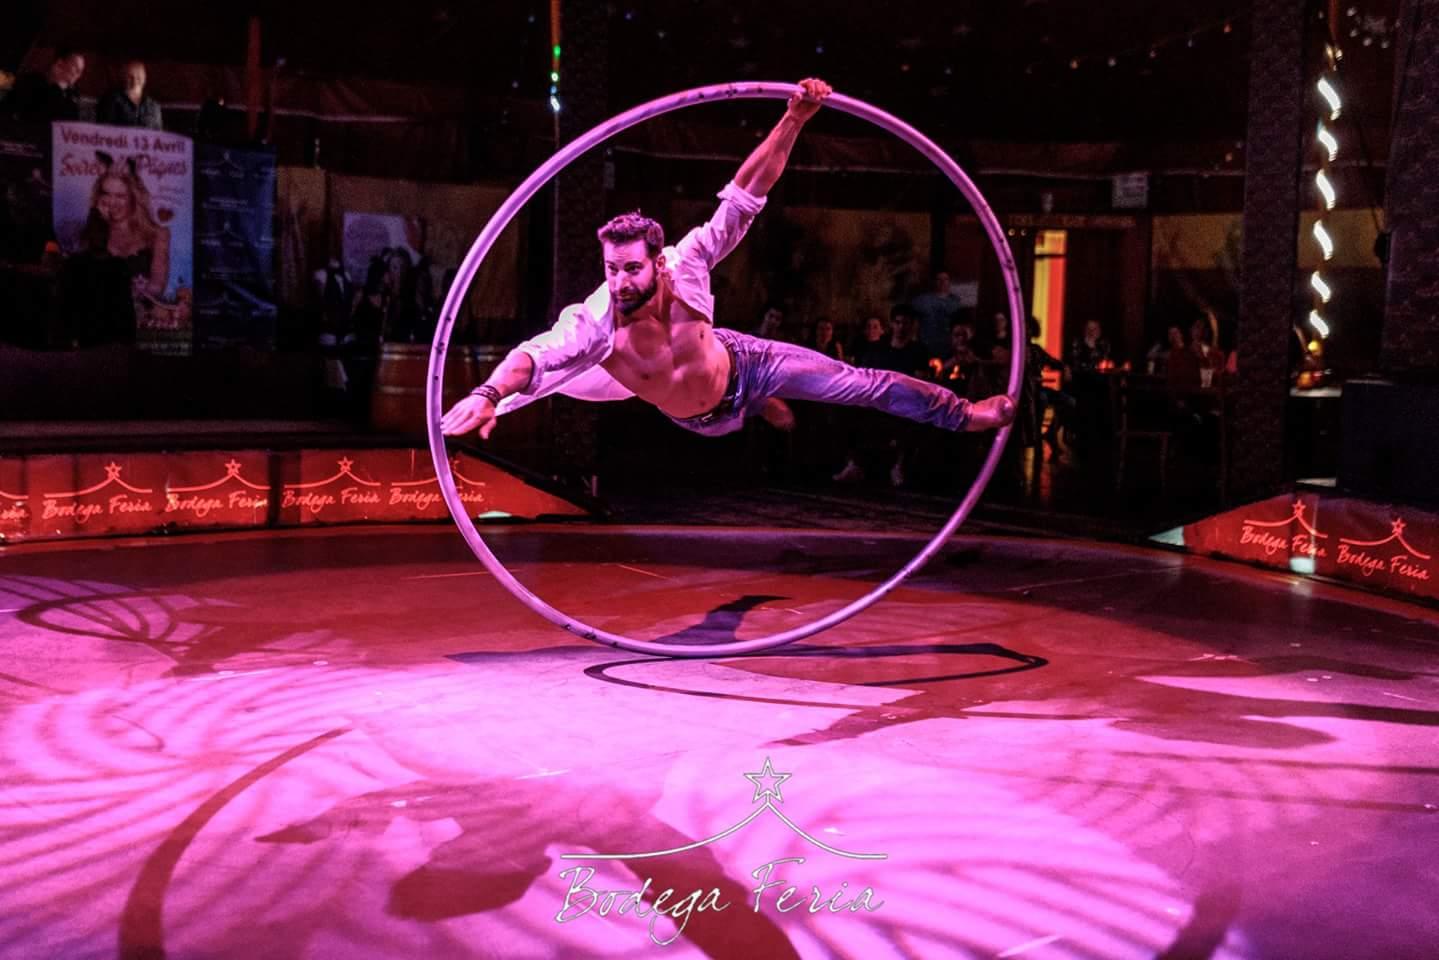 @Bodega Feria